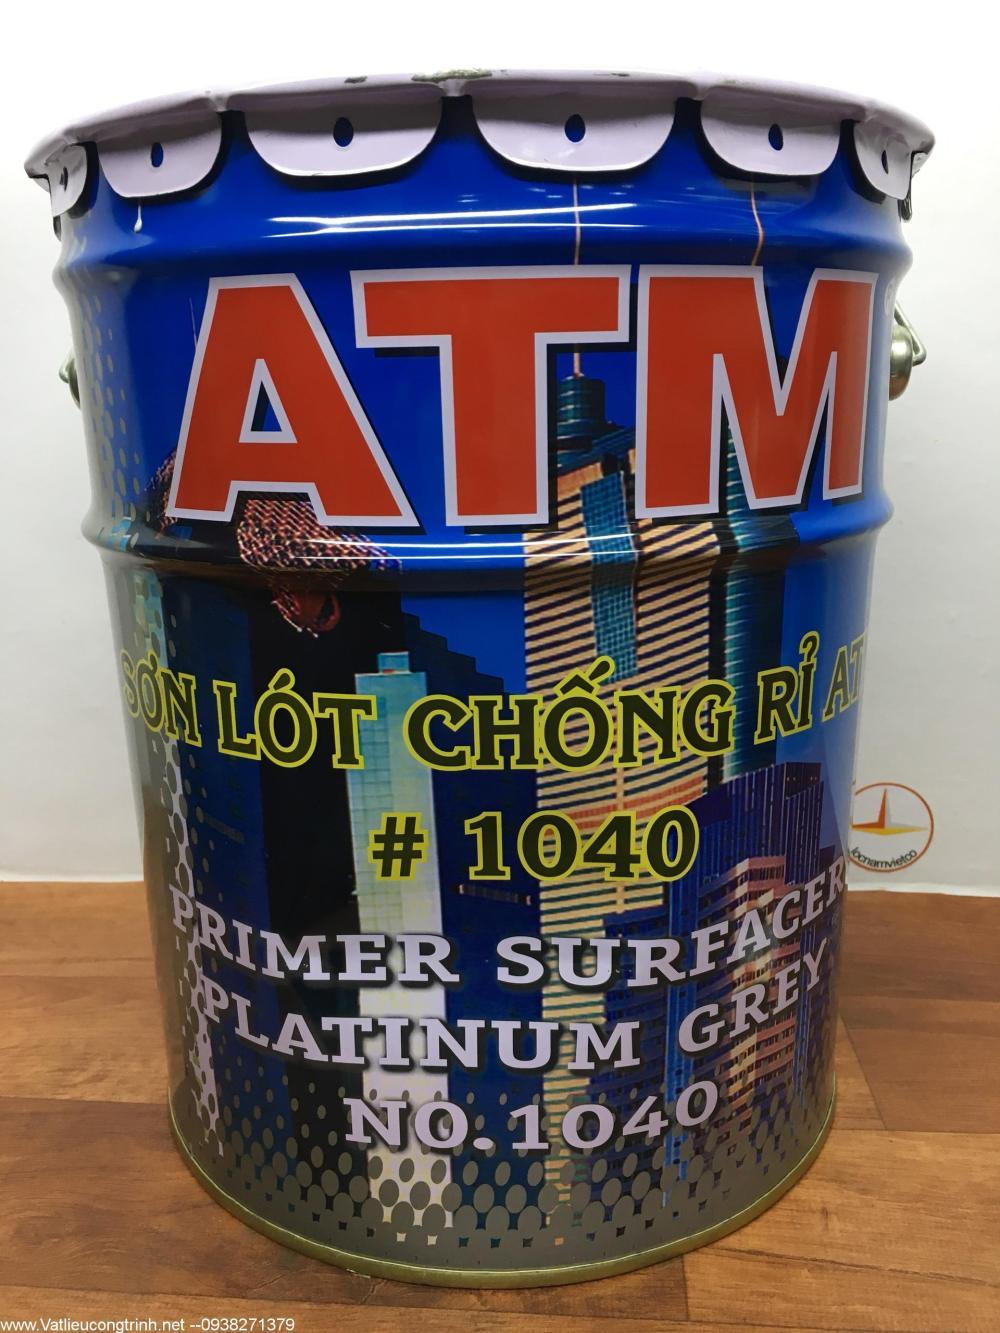 SON LOT CHONG RI ATM #1040 MAU XAM 17 (3)